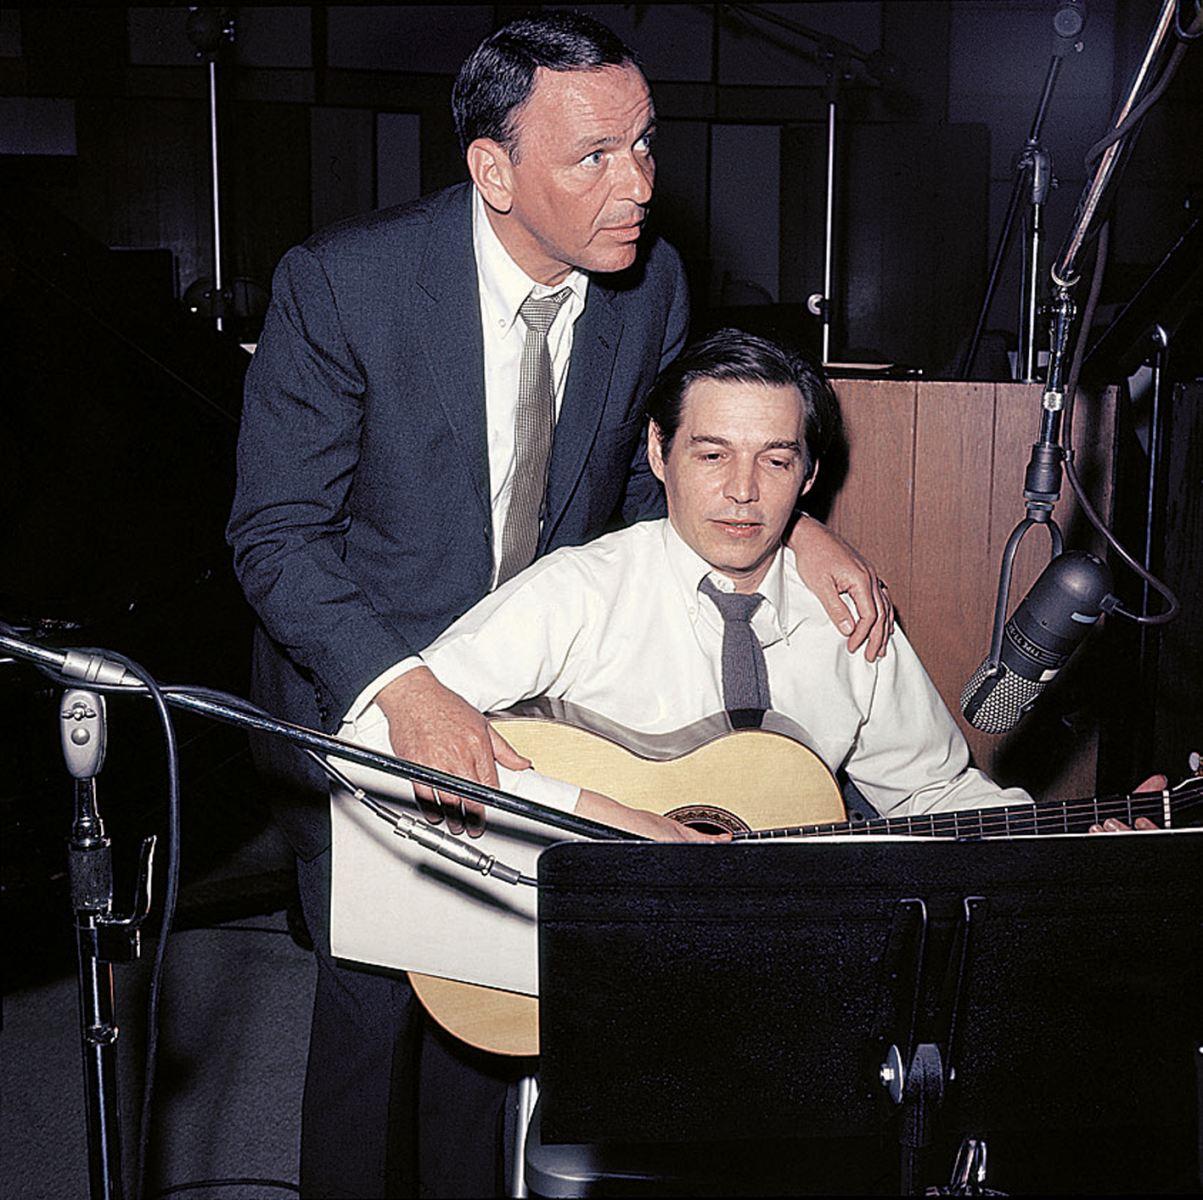 Frank Sinatra Antonio Carlos Jobim Francis Albert Sinatra Antonio Carlos Jobim